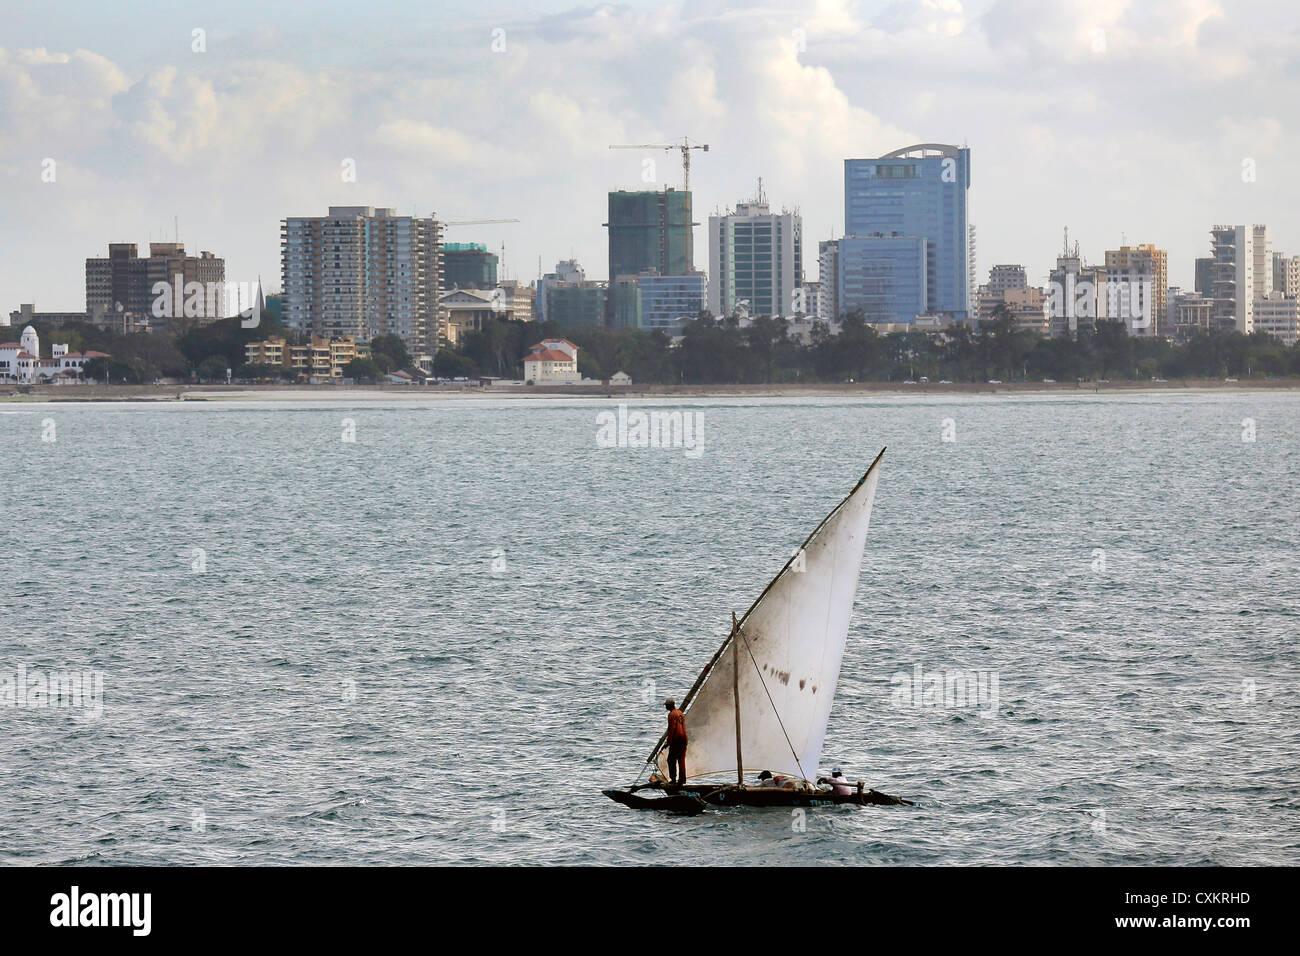 Bateau à voile traditionnel arabe (dhow) avec la capitale tanzanienne Dar es-Salaam en arrière-plan Photo Stock